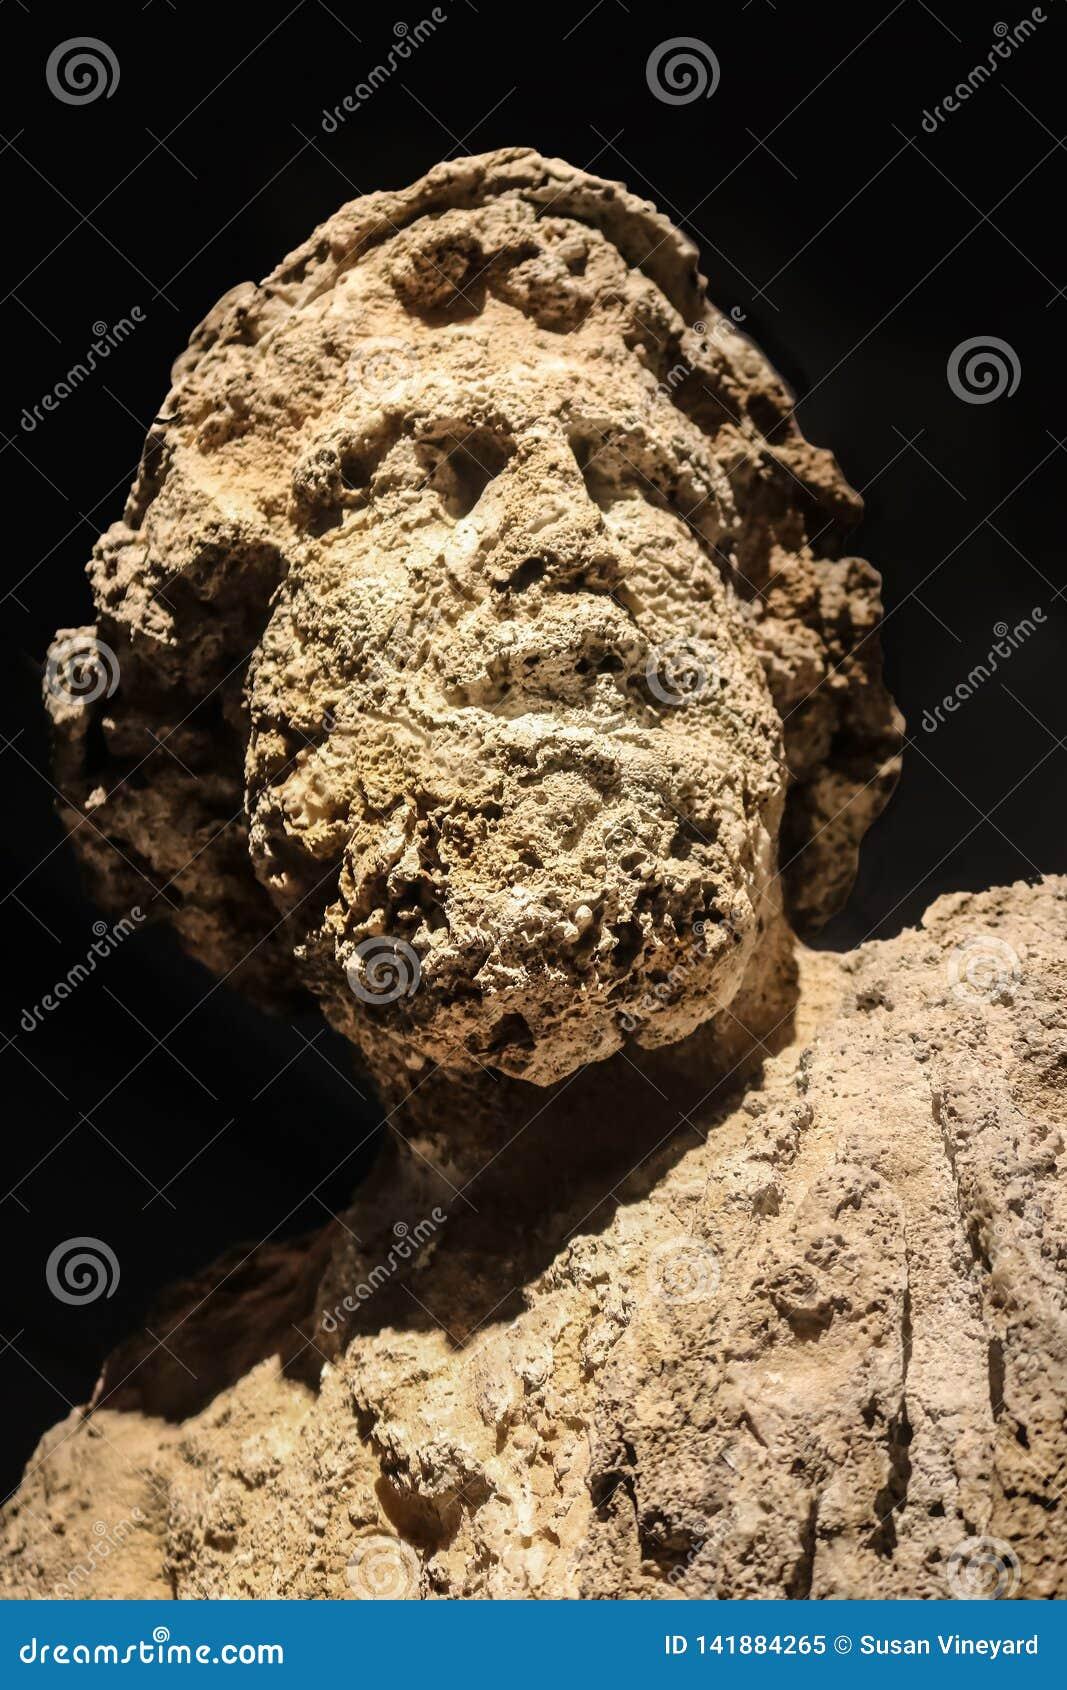 Fraß wirklich Kopf von Poseidon ab - Gott der Seeerdbebenstürme und Pferde - der für eine lange Zeit Unterwasser war- und Löcher